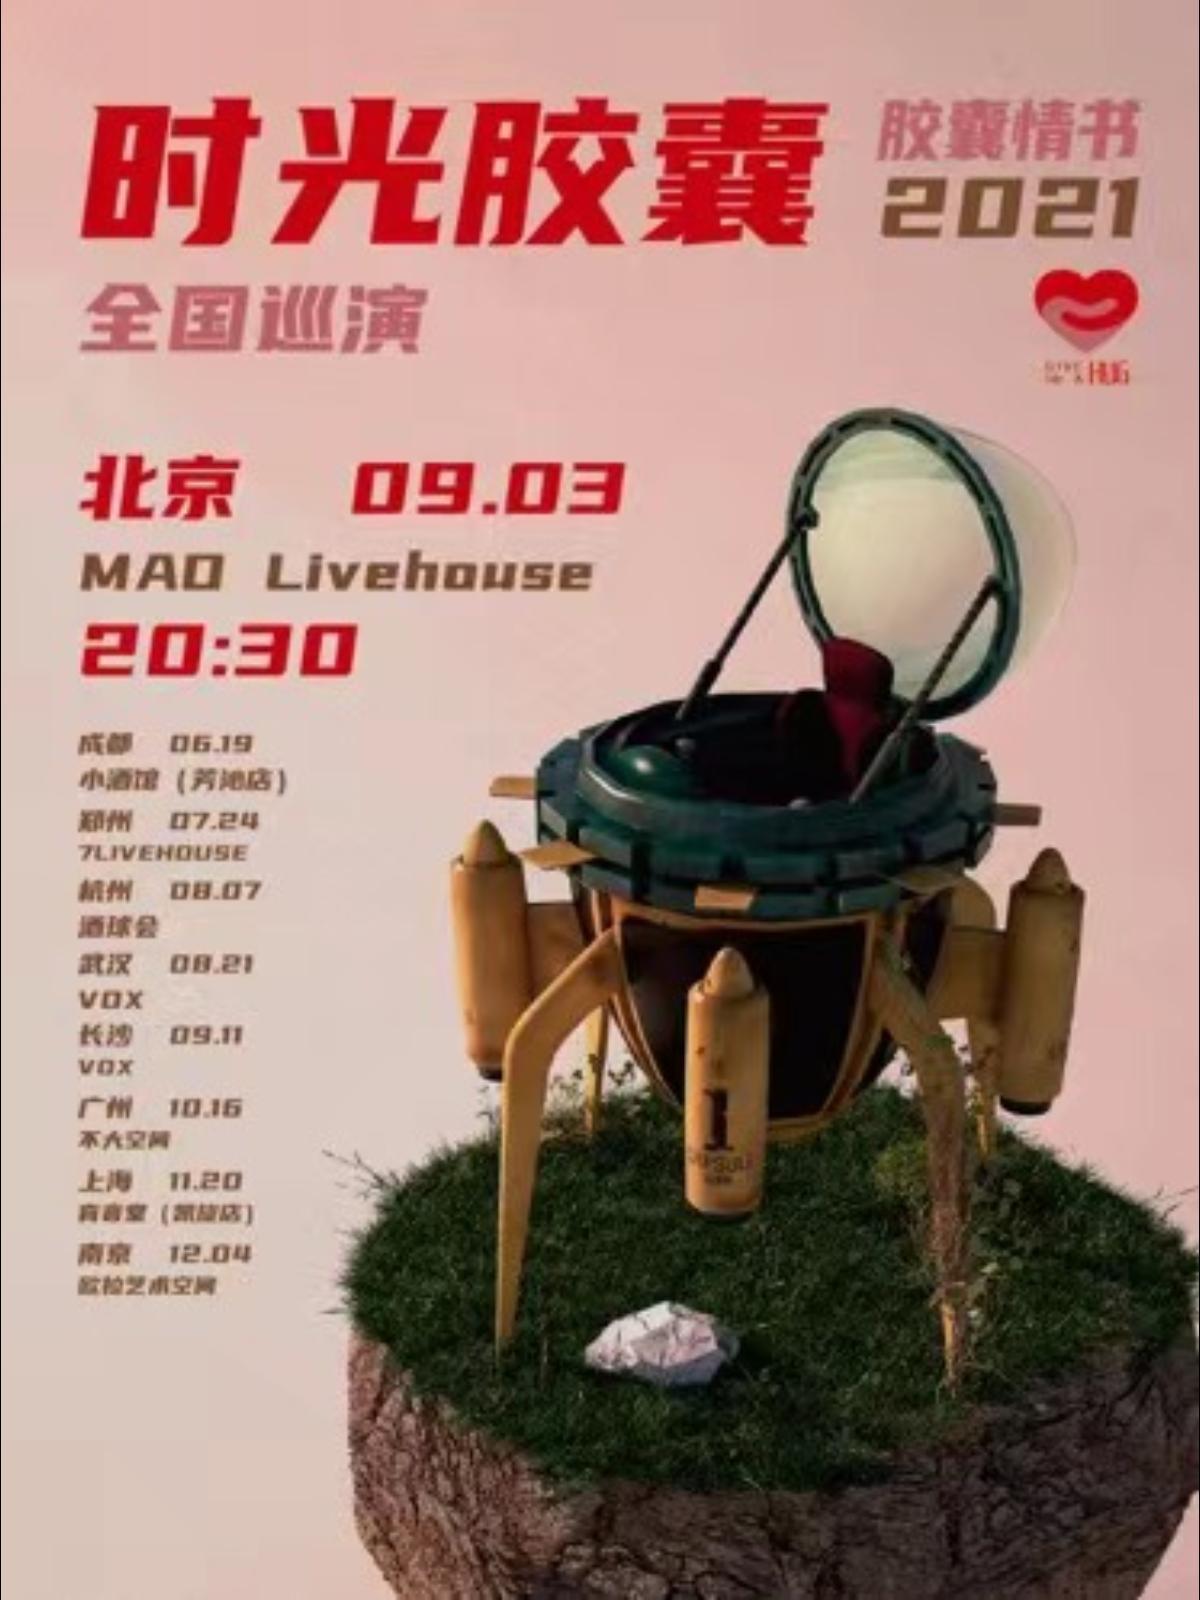 【北京站】时光胶囊